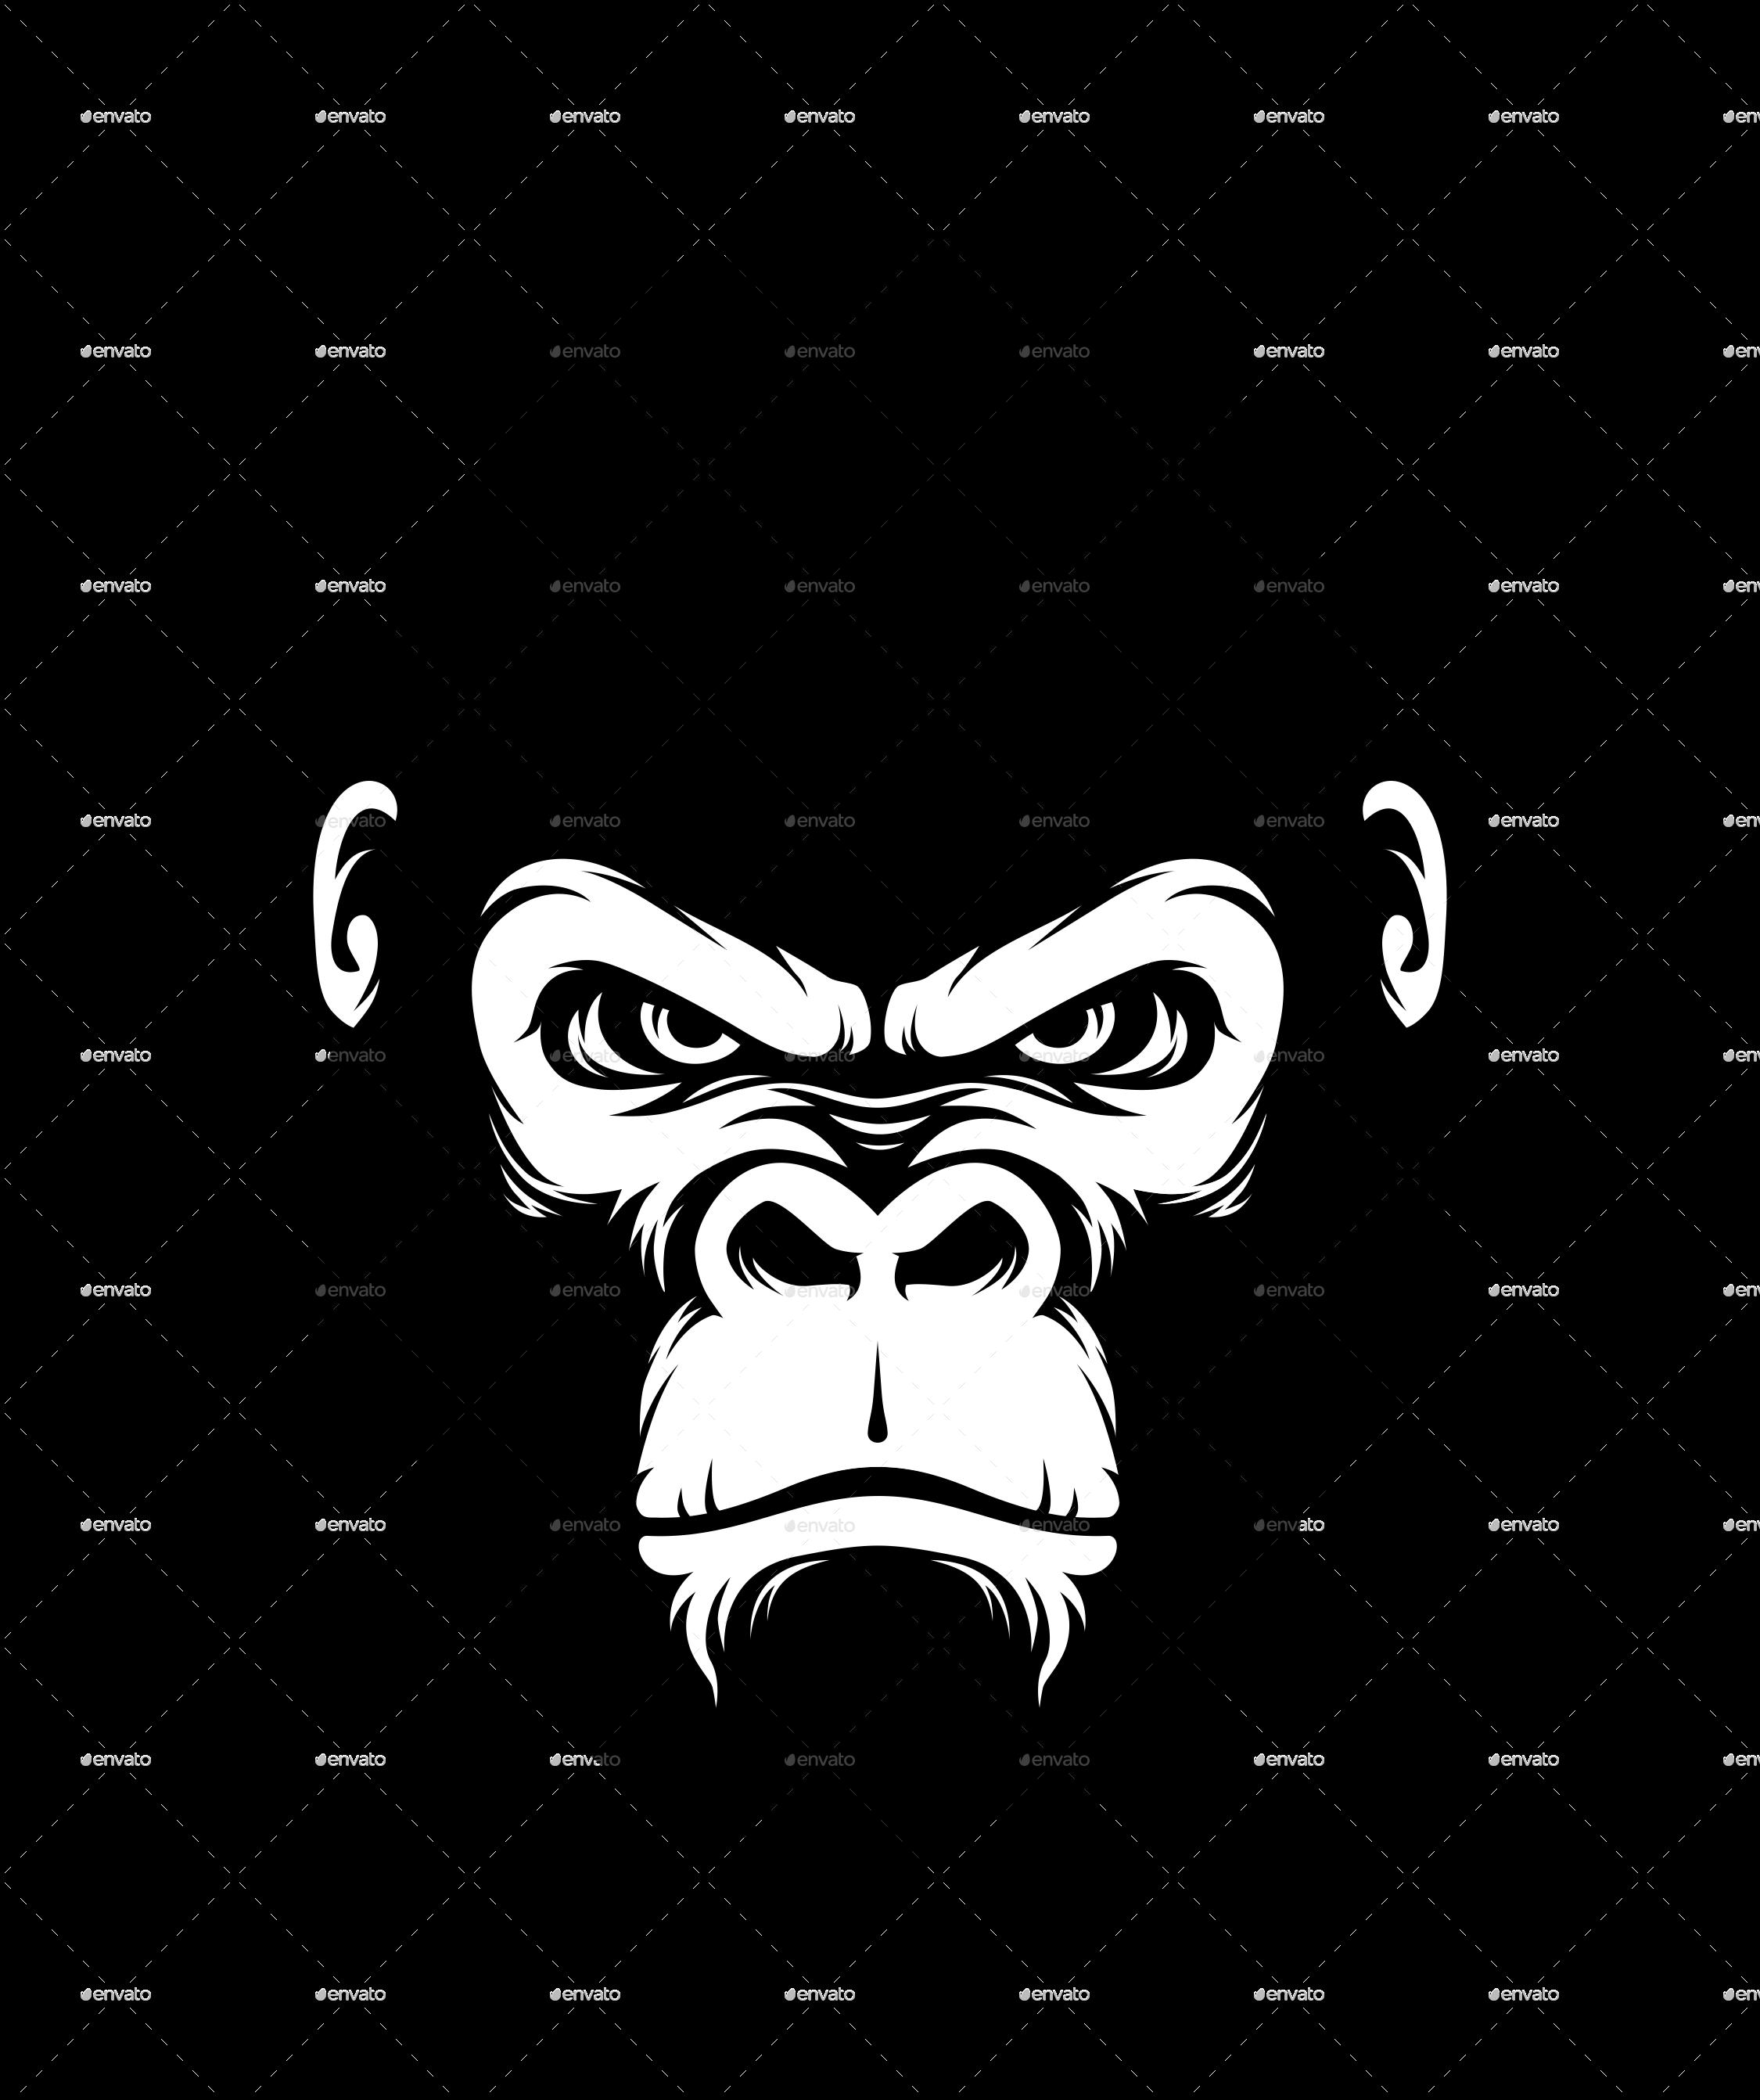 Gorilla Head Silhouette Style Monkey Art Gorillas Art Gorilla Illustration